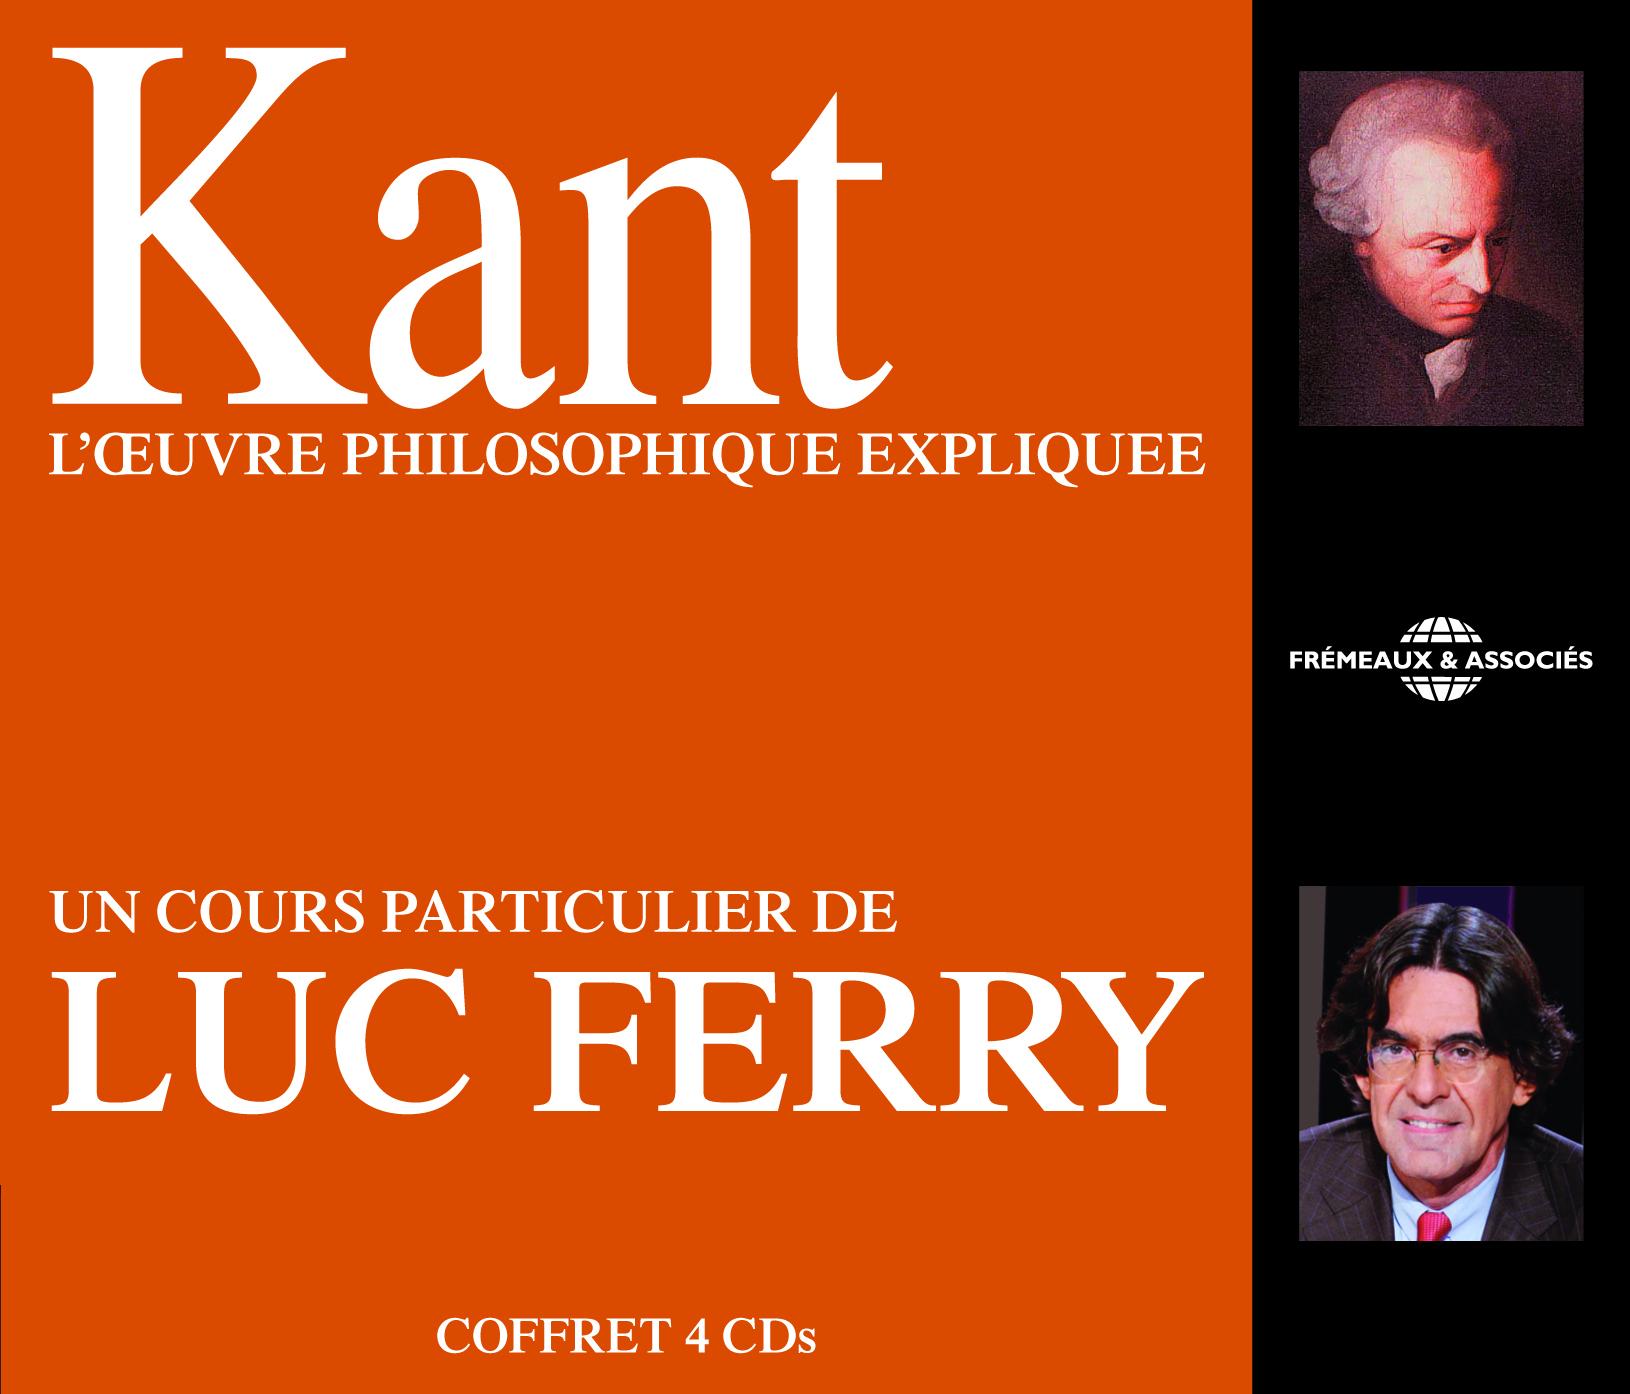 KANT L' UVRE PHILOSOPHIQUE EXPLIQUEE UN COURS PARTICULIER DE LUC FERRY